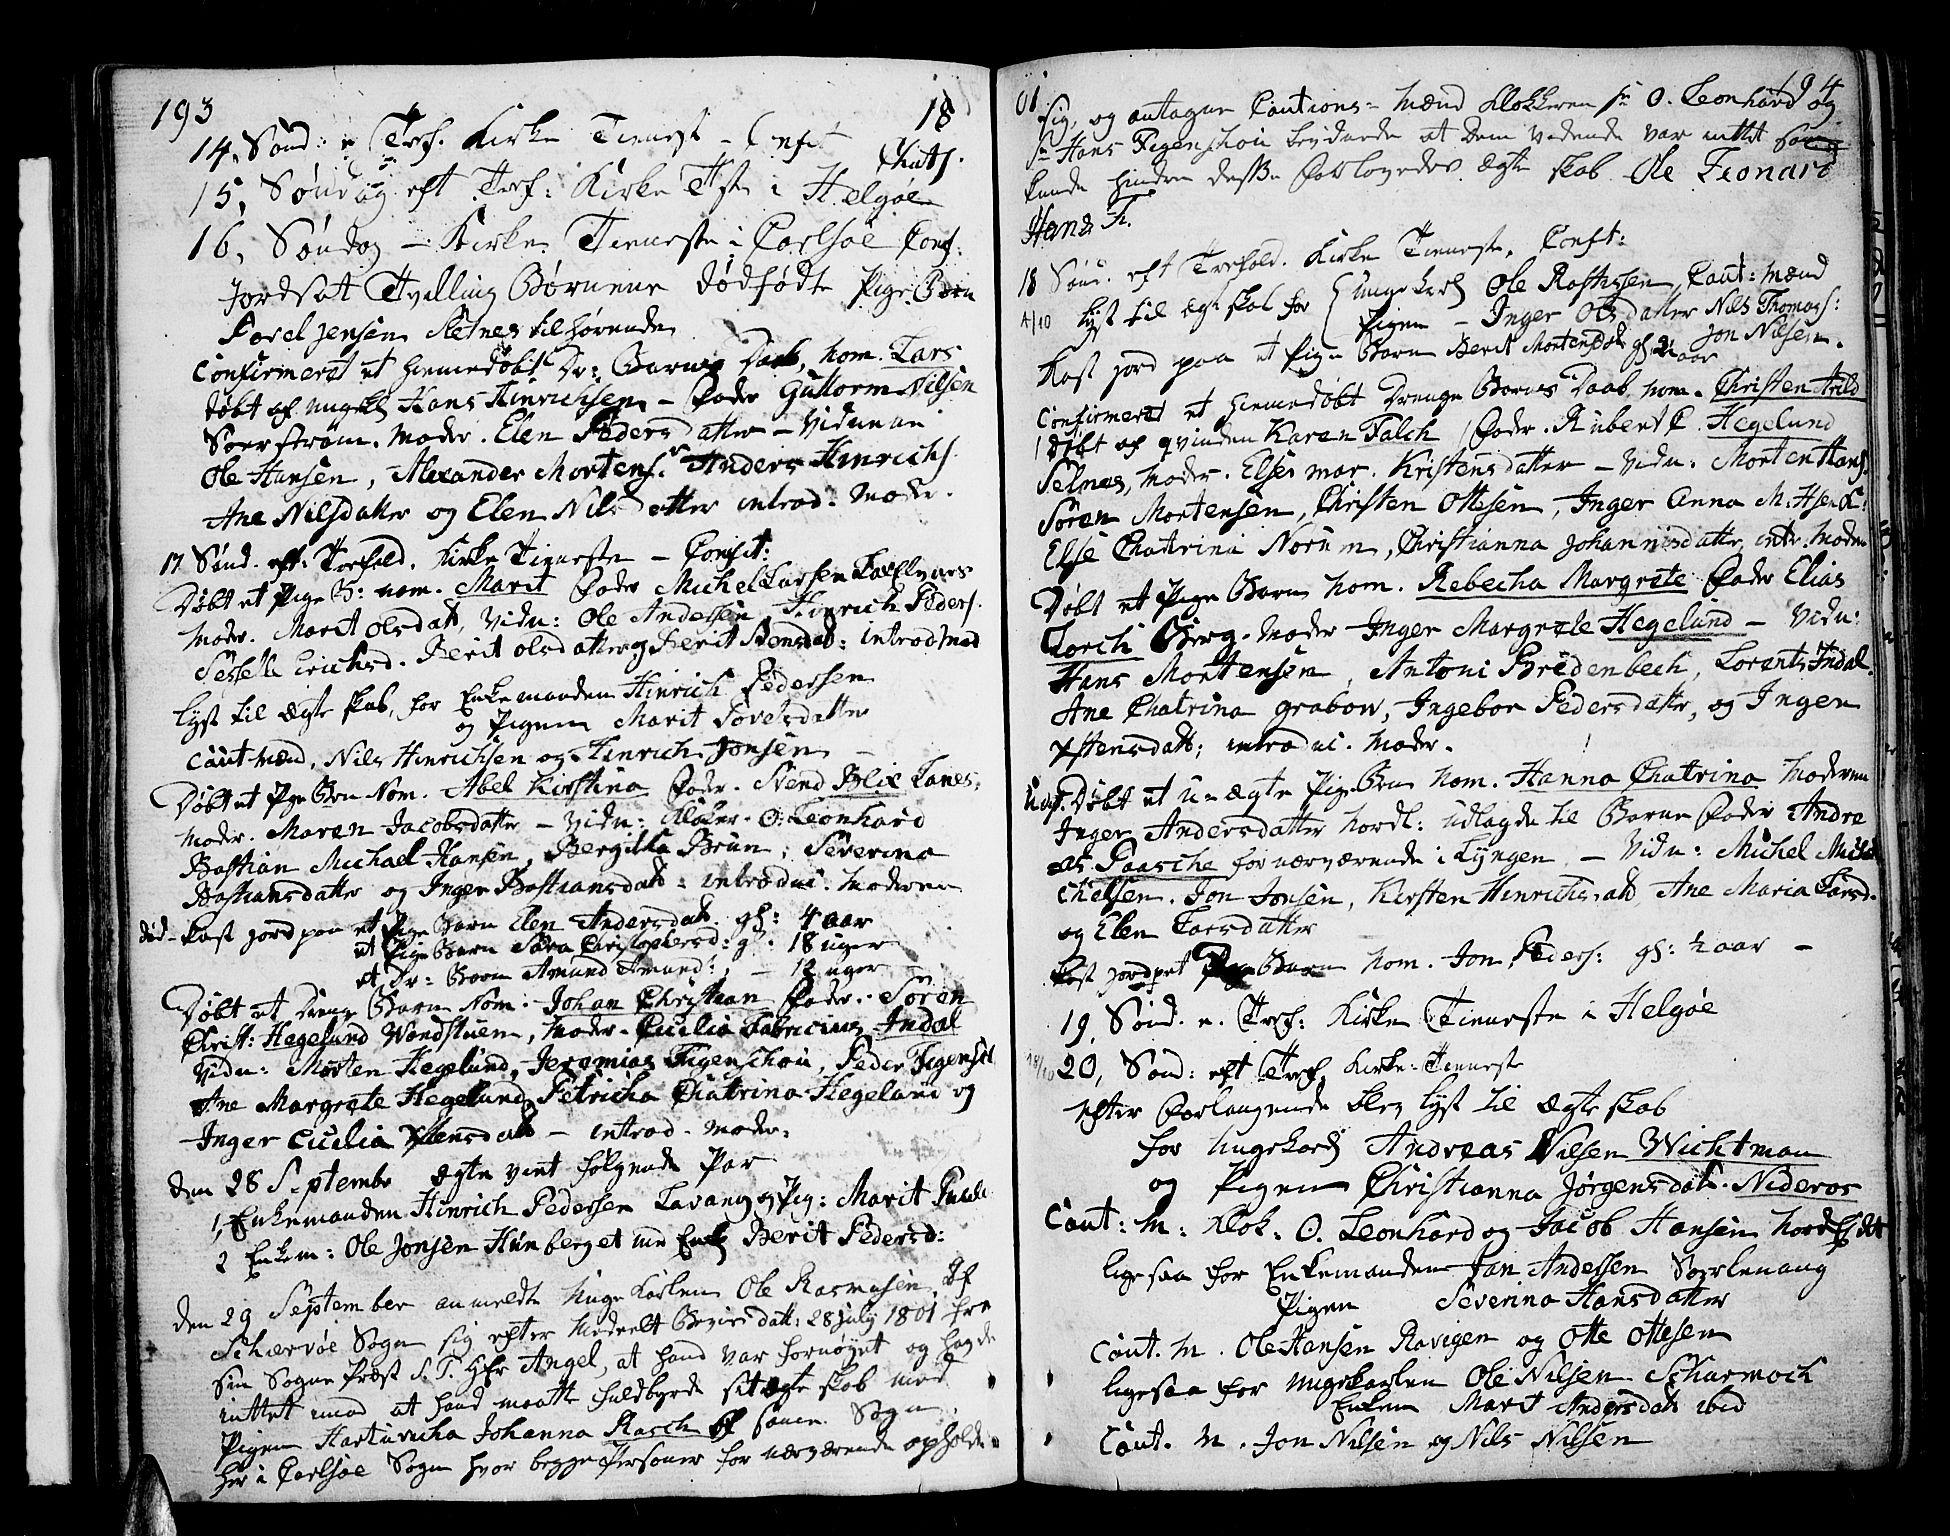 SATØ, Karlsøy sokneprestembete, Ministerialbok nr. 1, 1775-1823, s. 193-194